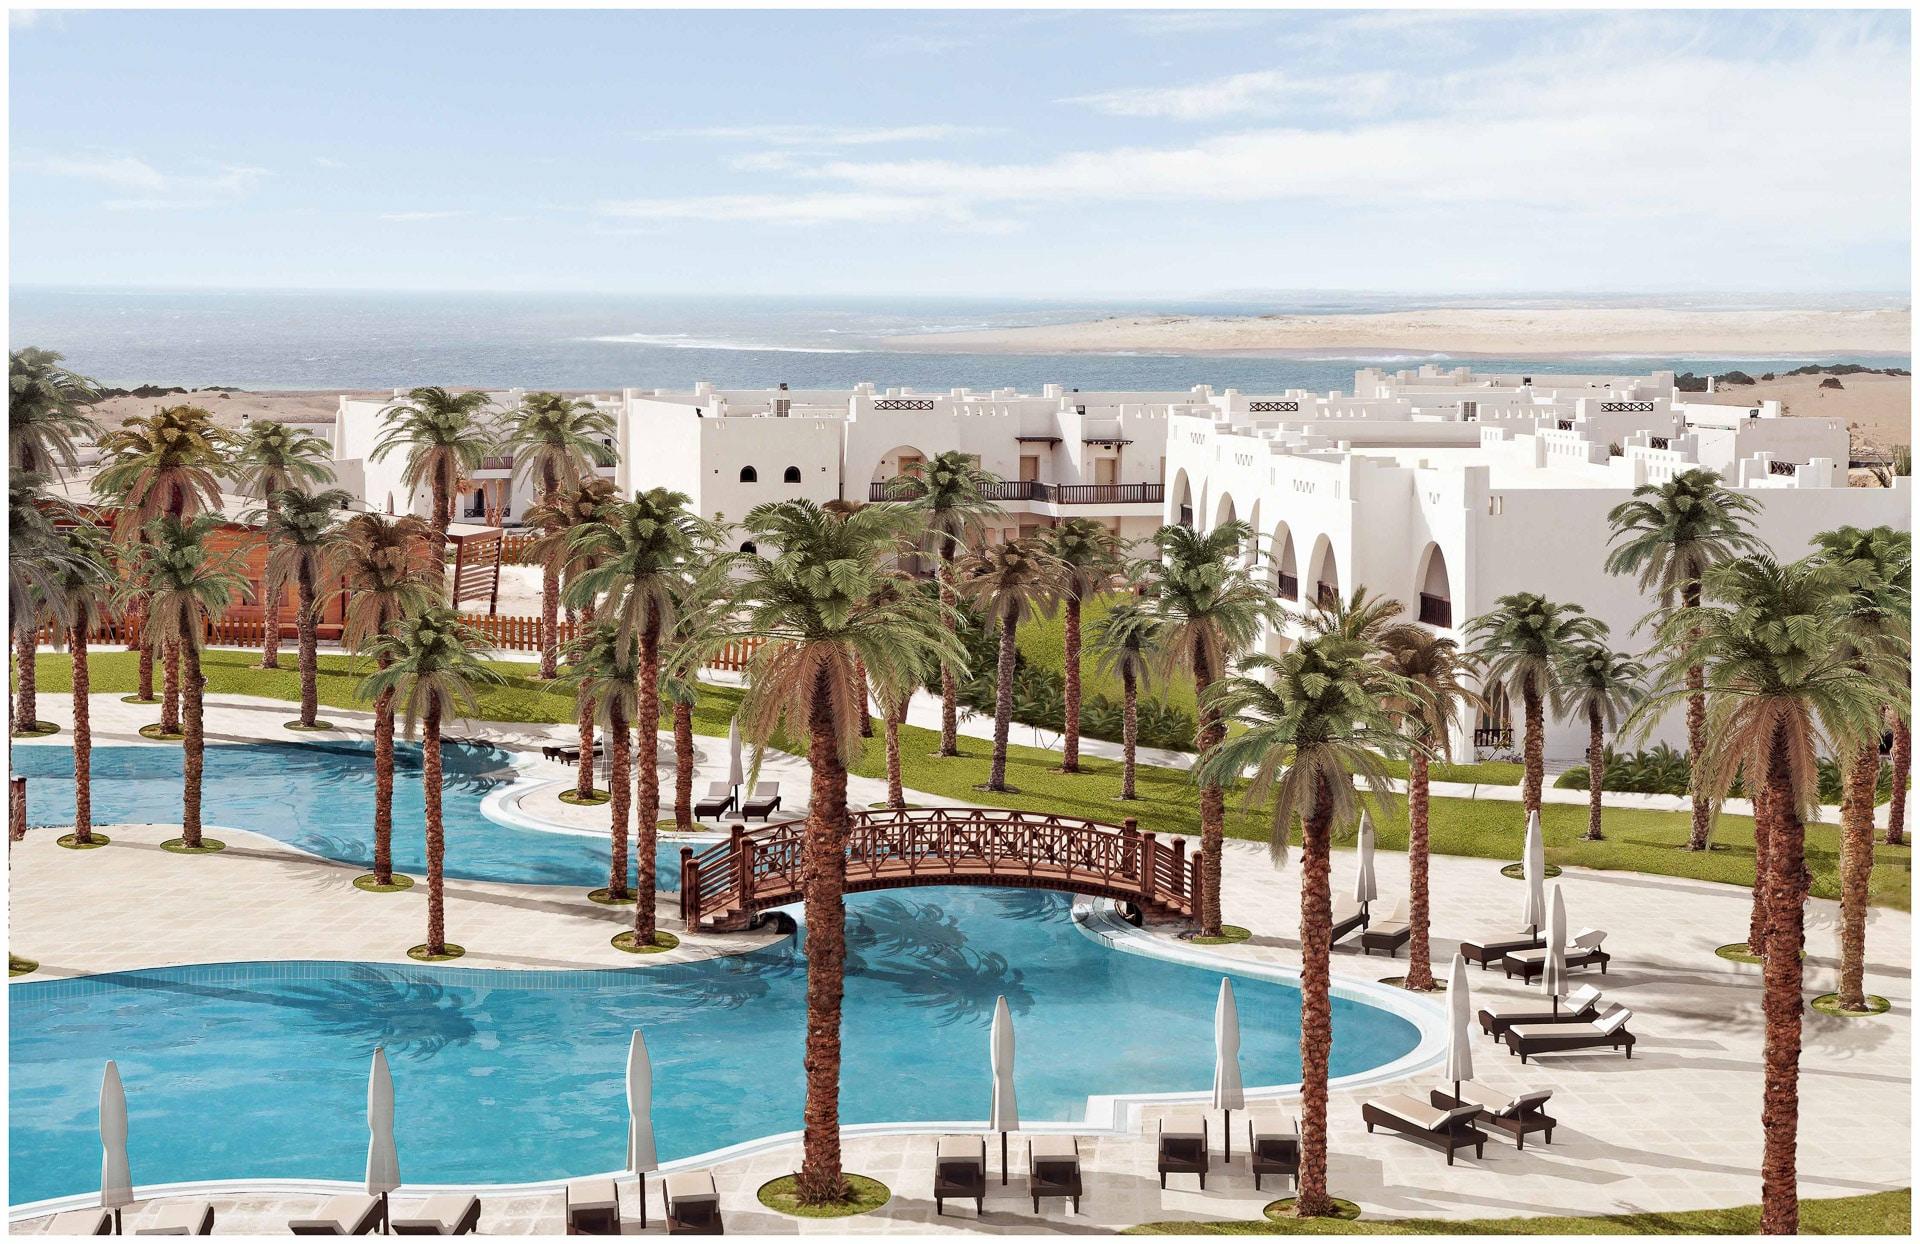 Hilton-Marsa-Alam-Aegypten-3